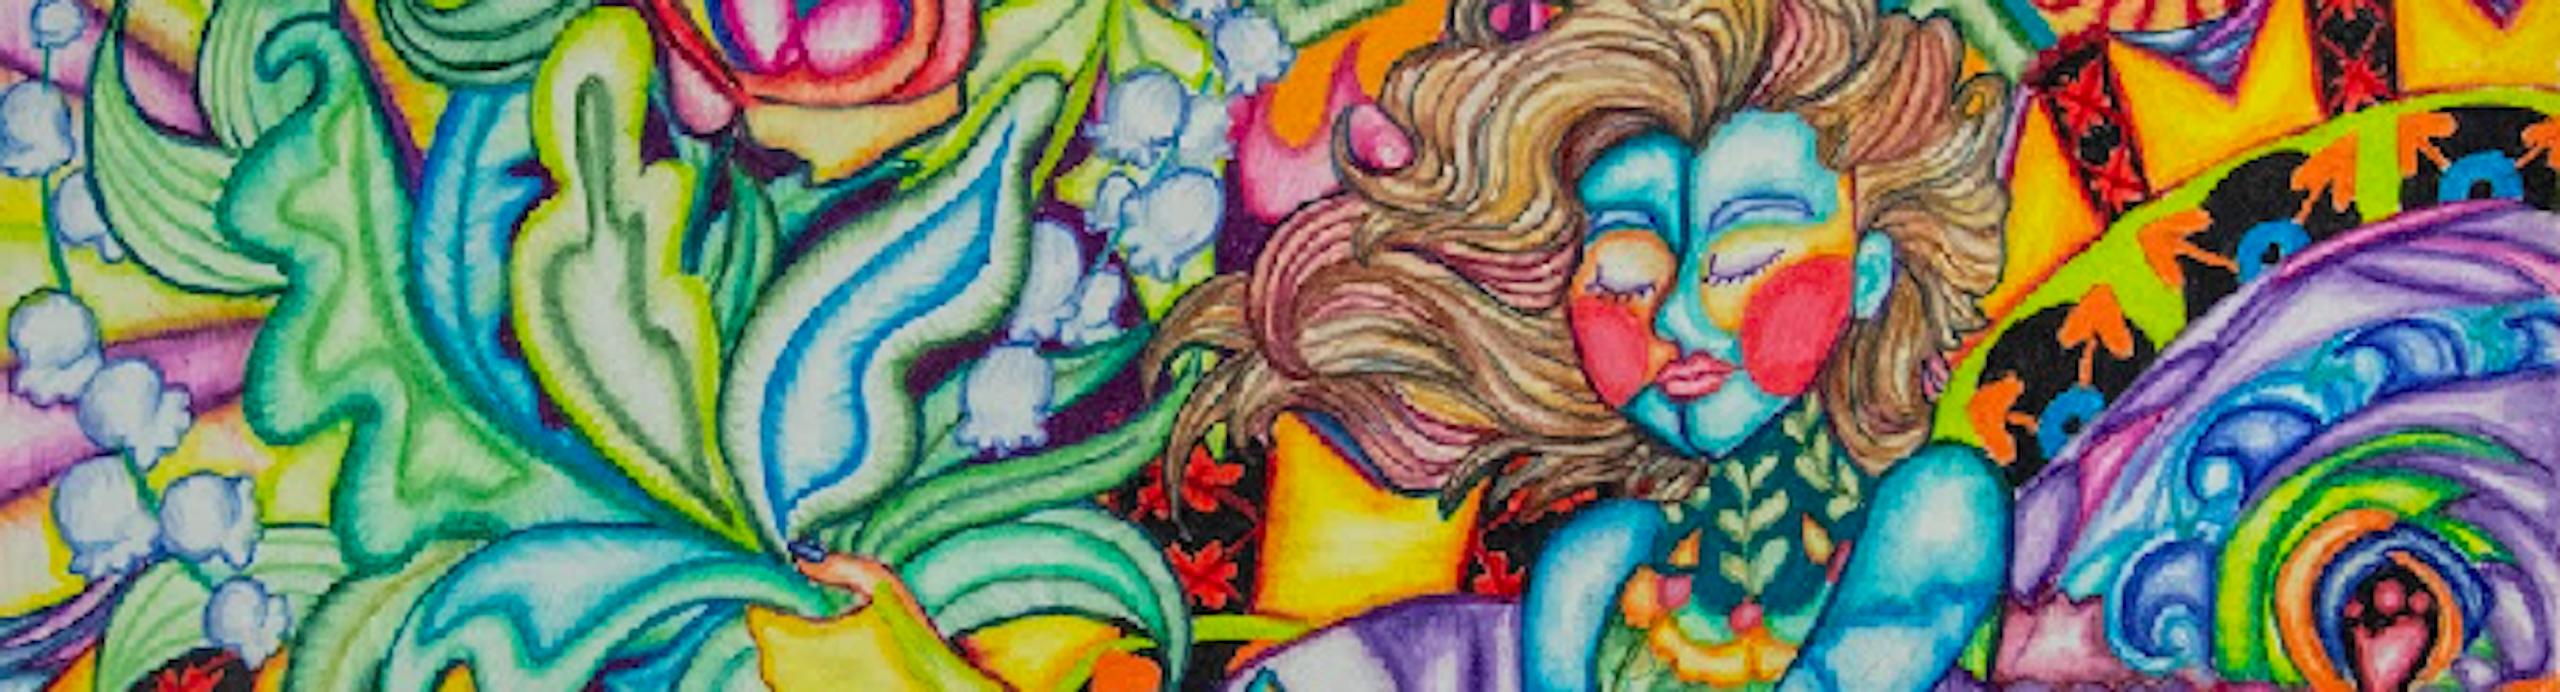 Detail of Madalina Kelner's's painting.